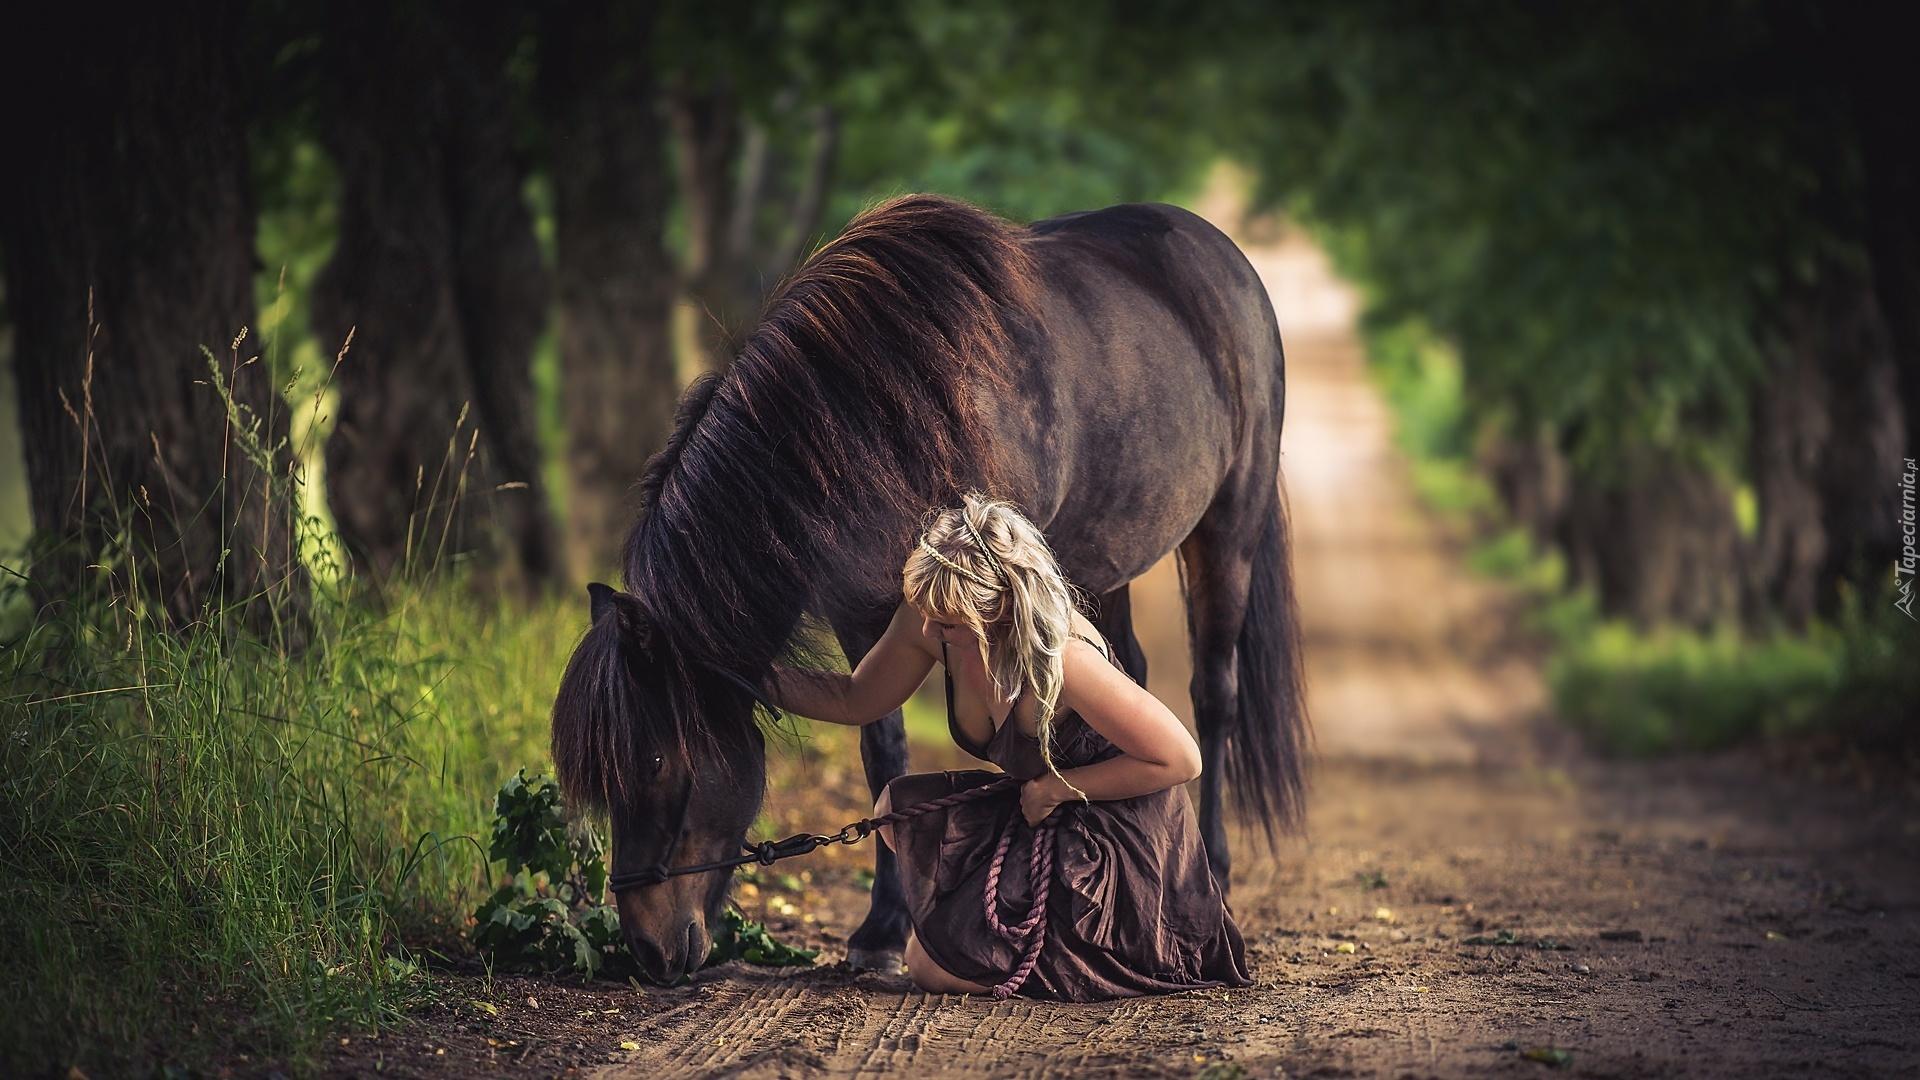 Fall Wallpaper Horses Droga Koń Dziewczyna